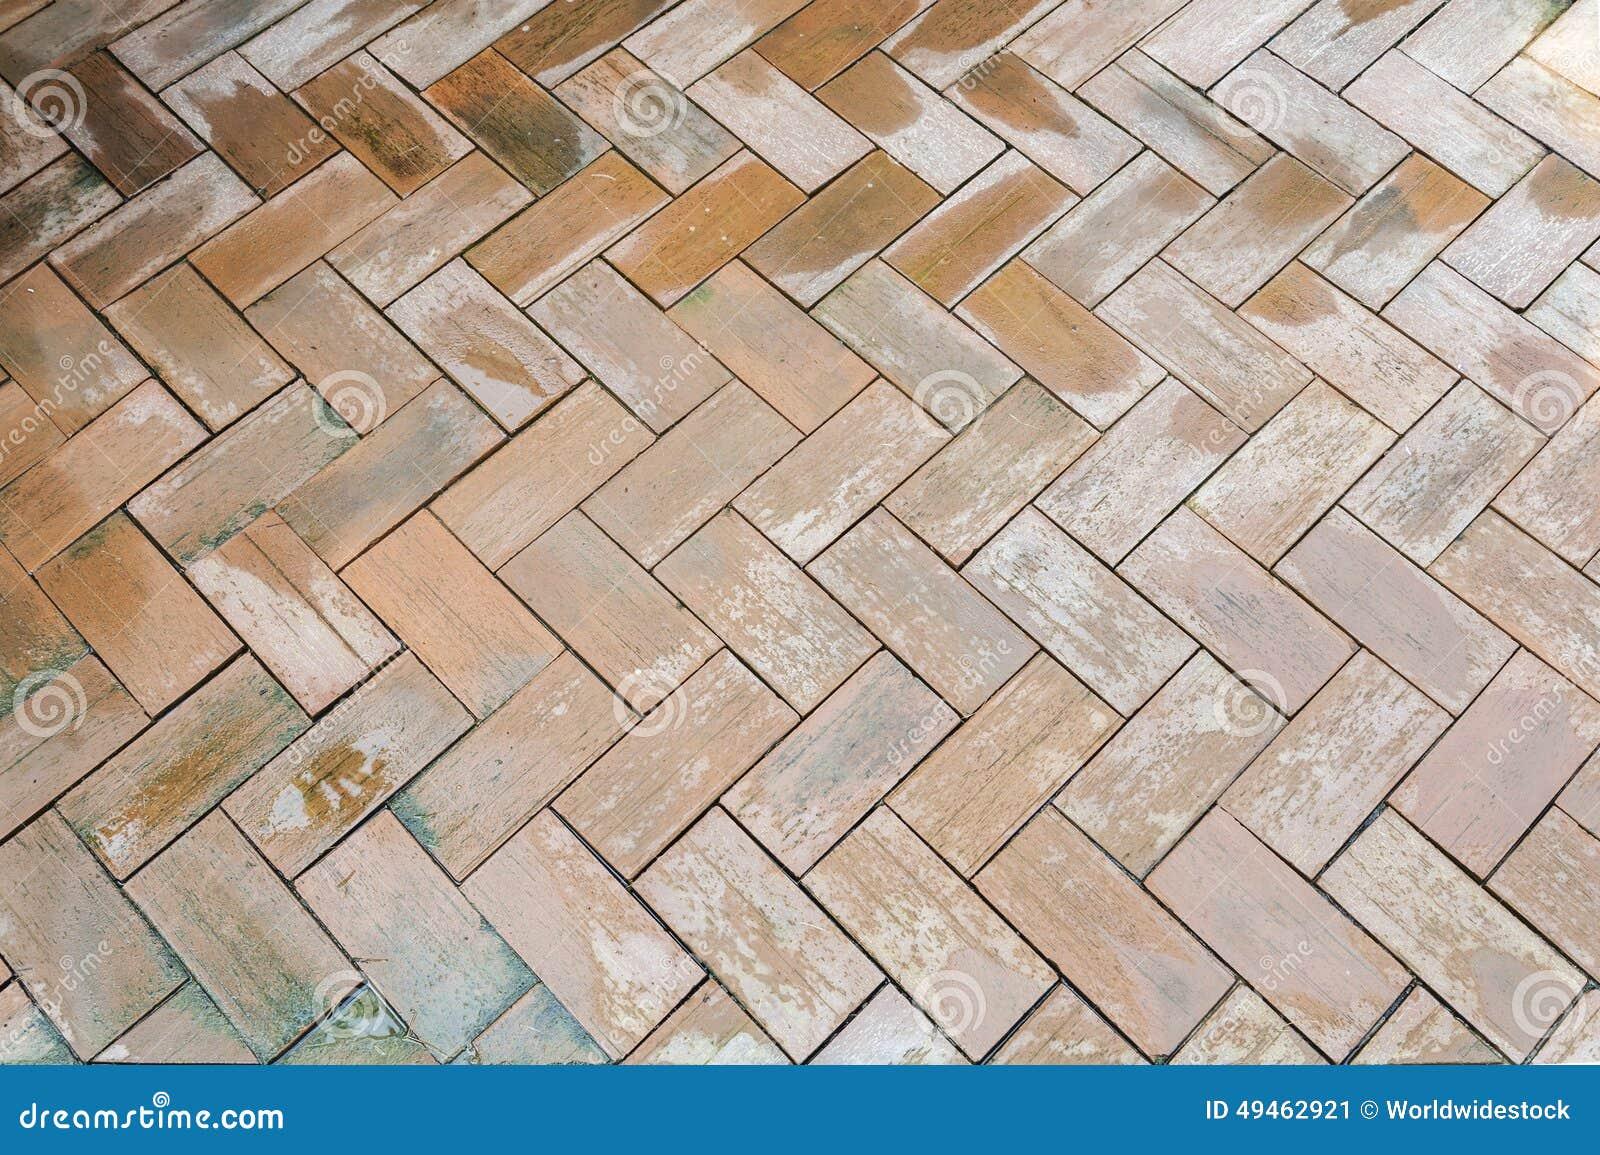 Download Wet Brown Brick Floor Pattern Stock Image